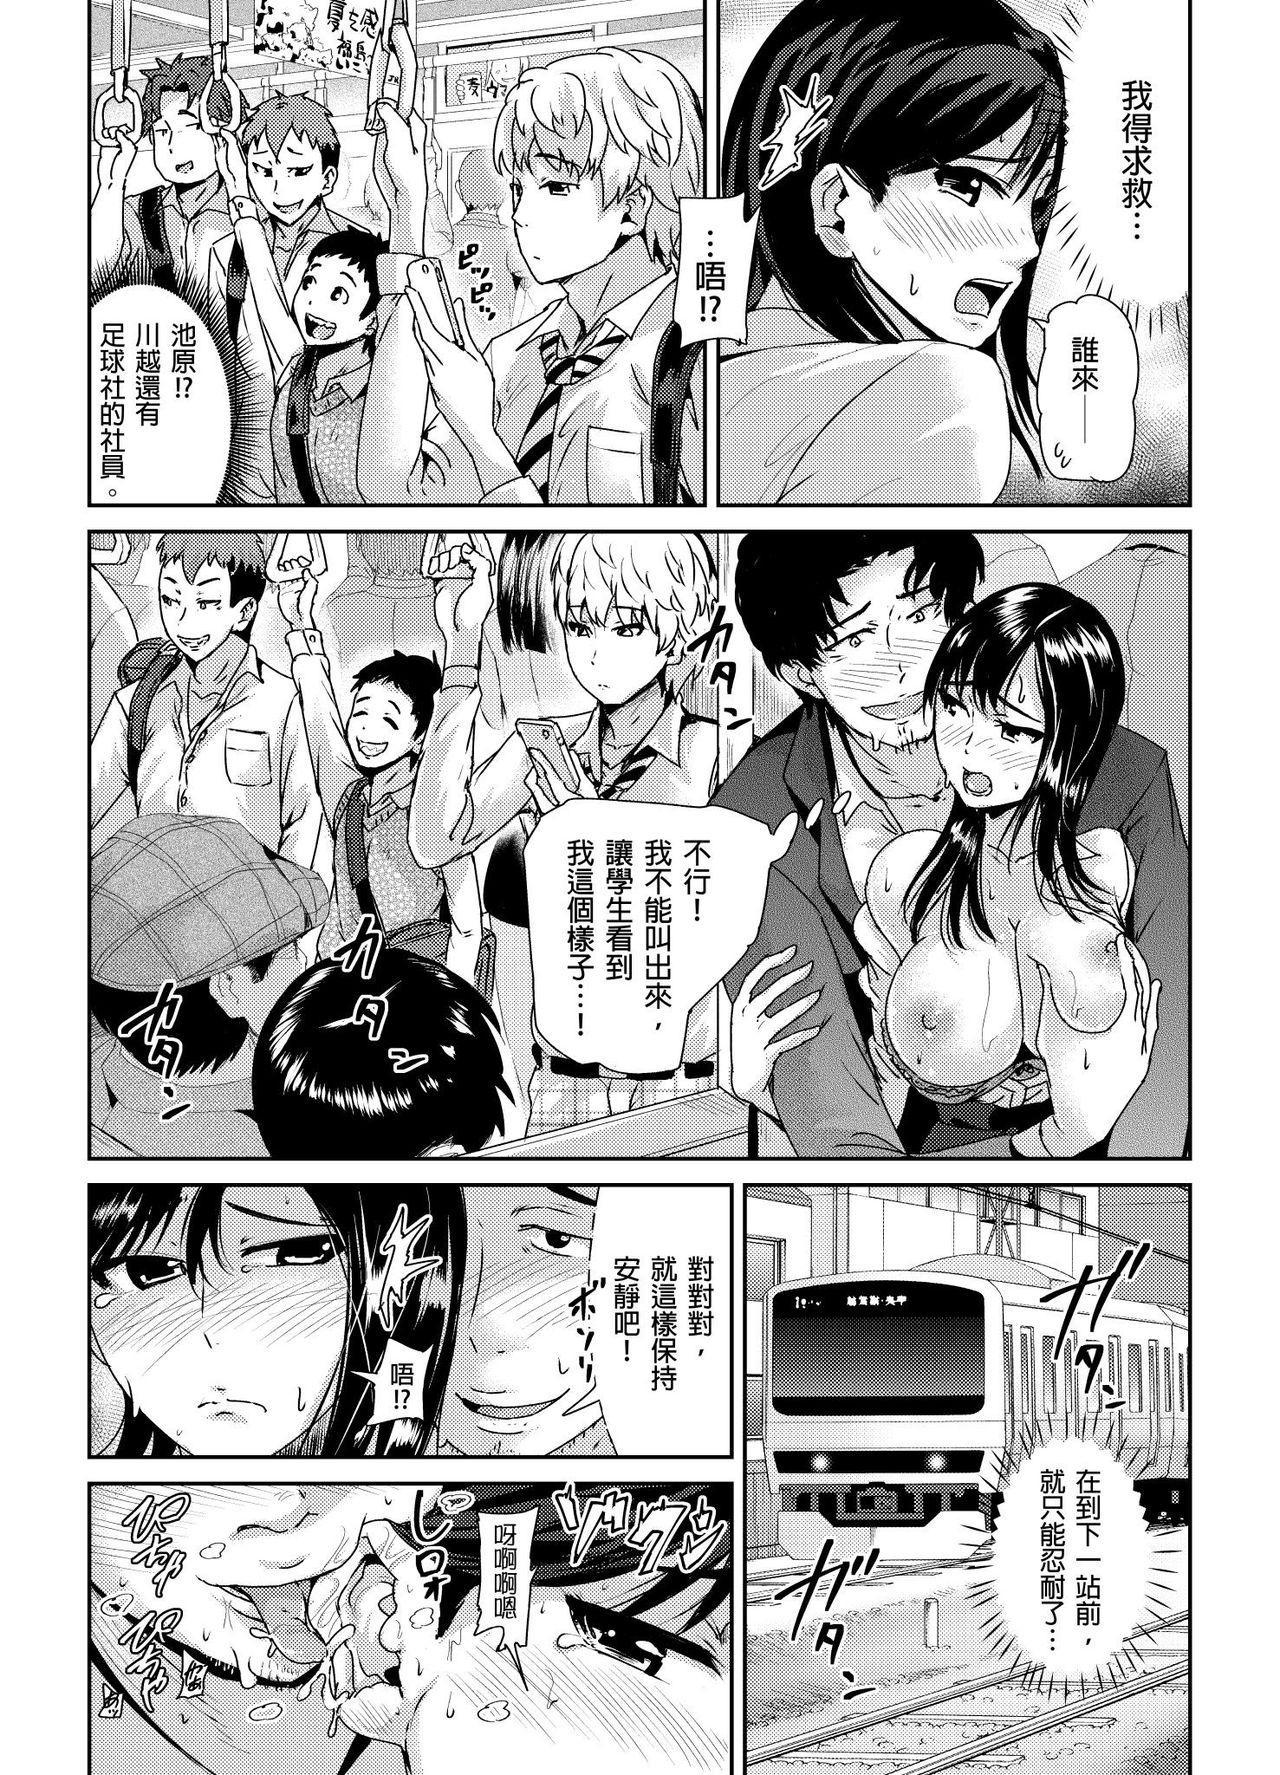 Shuudan Chikan ni Kakomarete Ganimata Iki Suru Onna Kyoushi Ch. 1 10